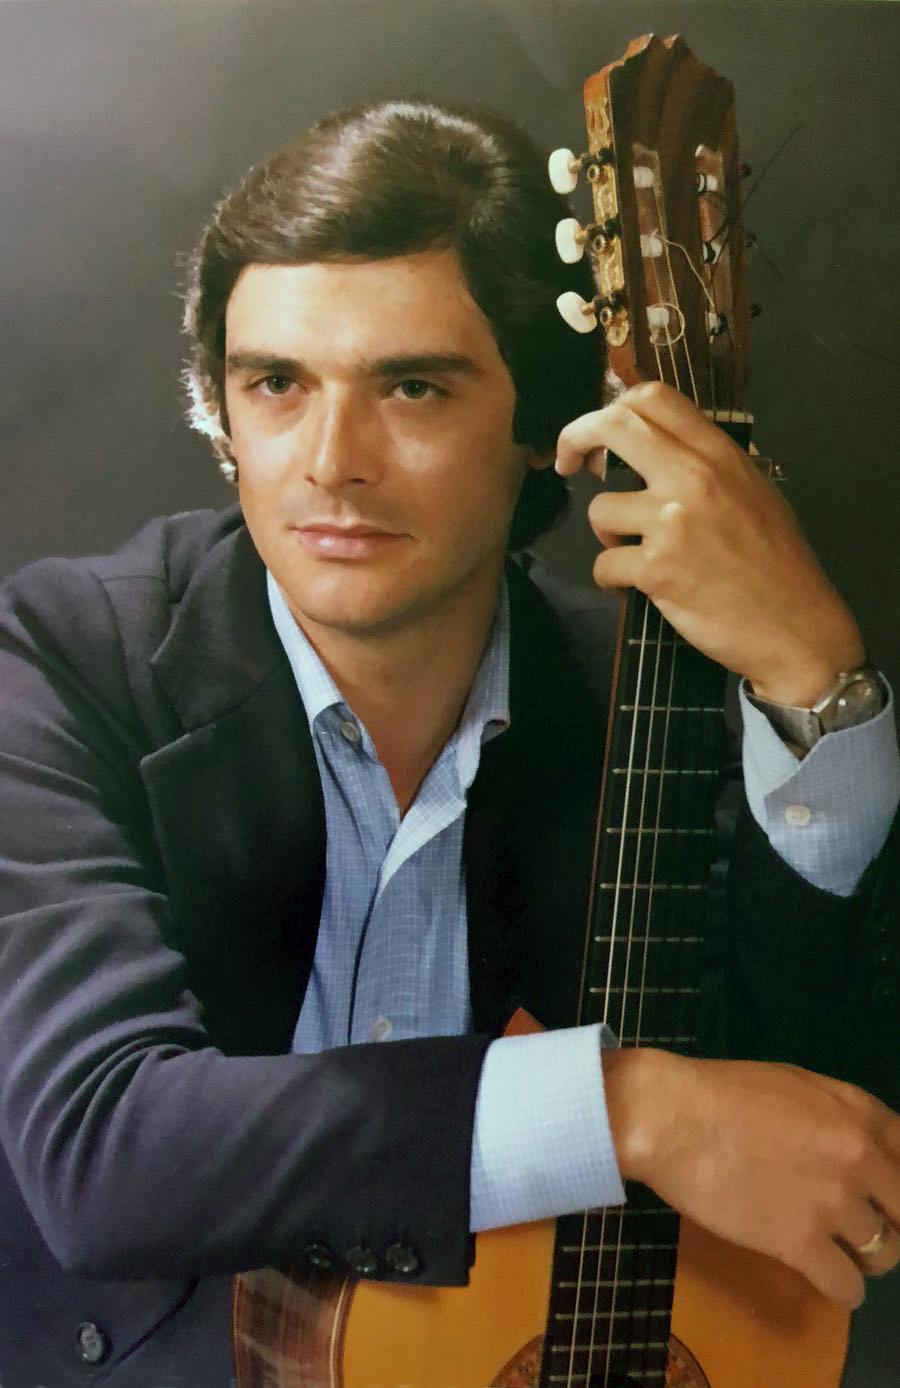 Regino y Guitarra